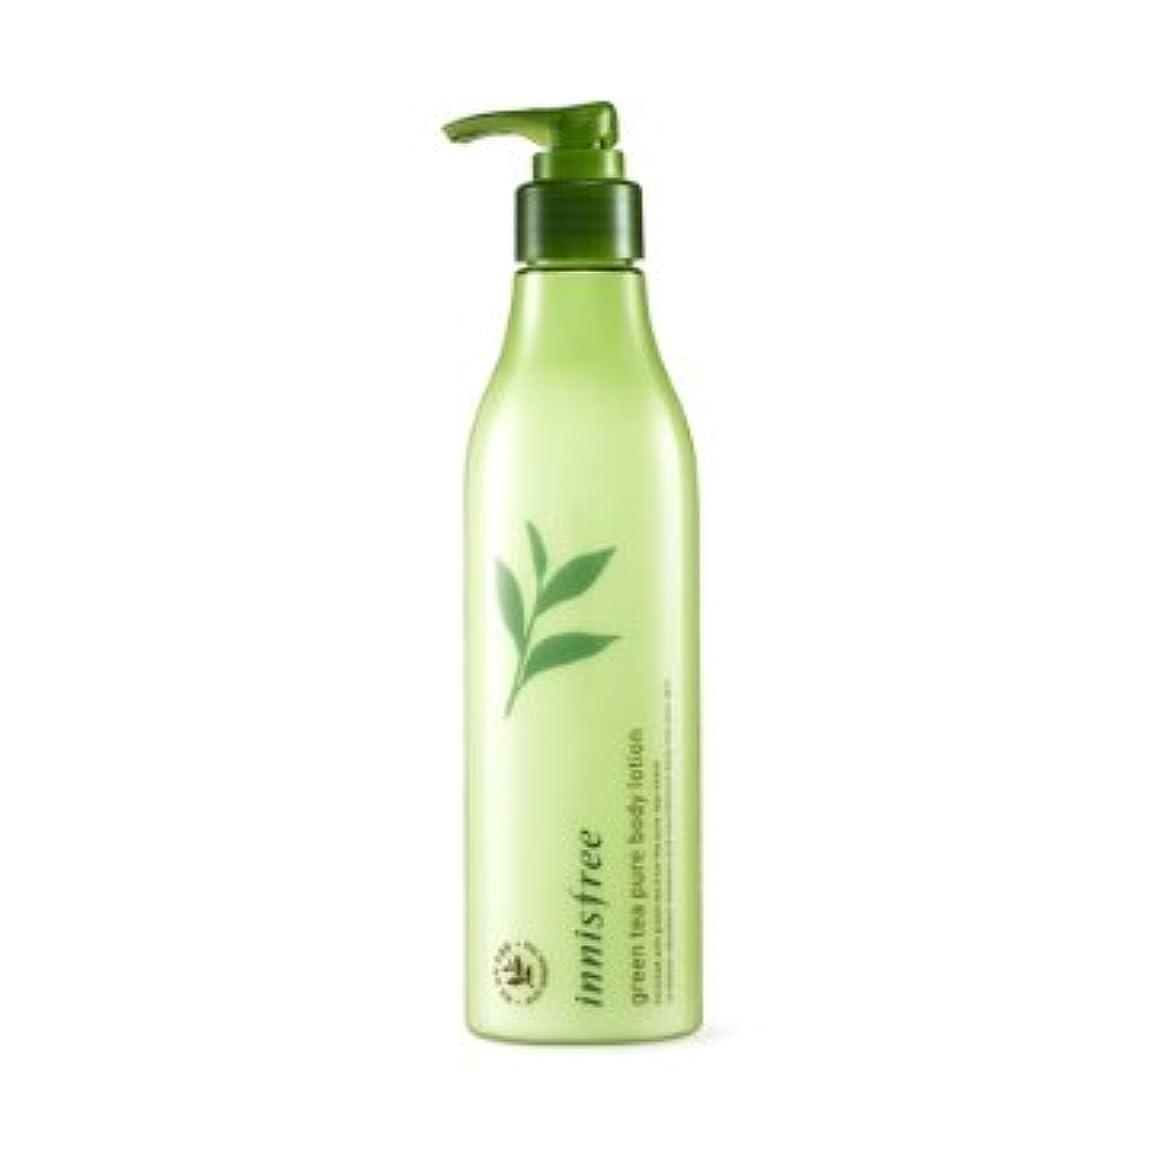 扇動落ち込んでいる帳面【イニスフリー】Innisfree green tea pure body lotion - 300ml (韓国直送品) (SHOPPINGINSTAGRAM)